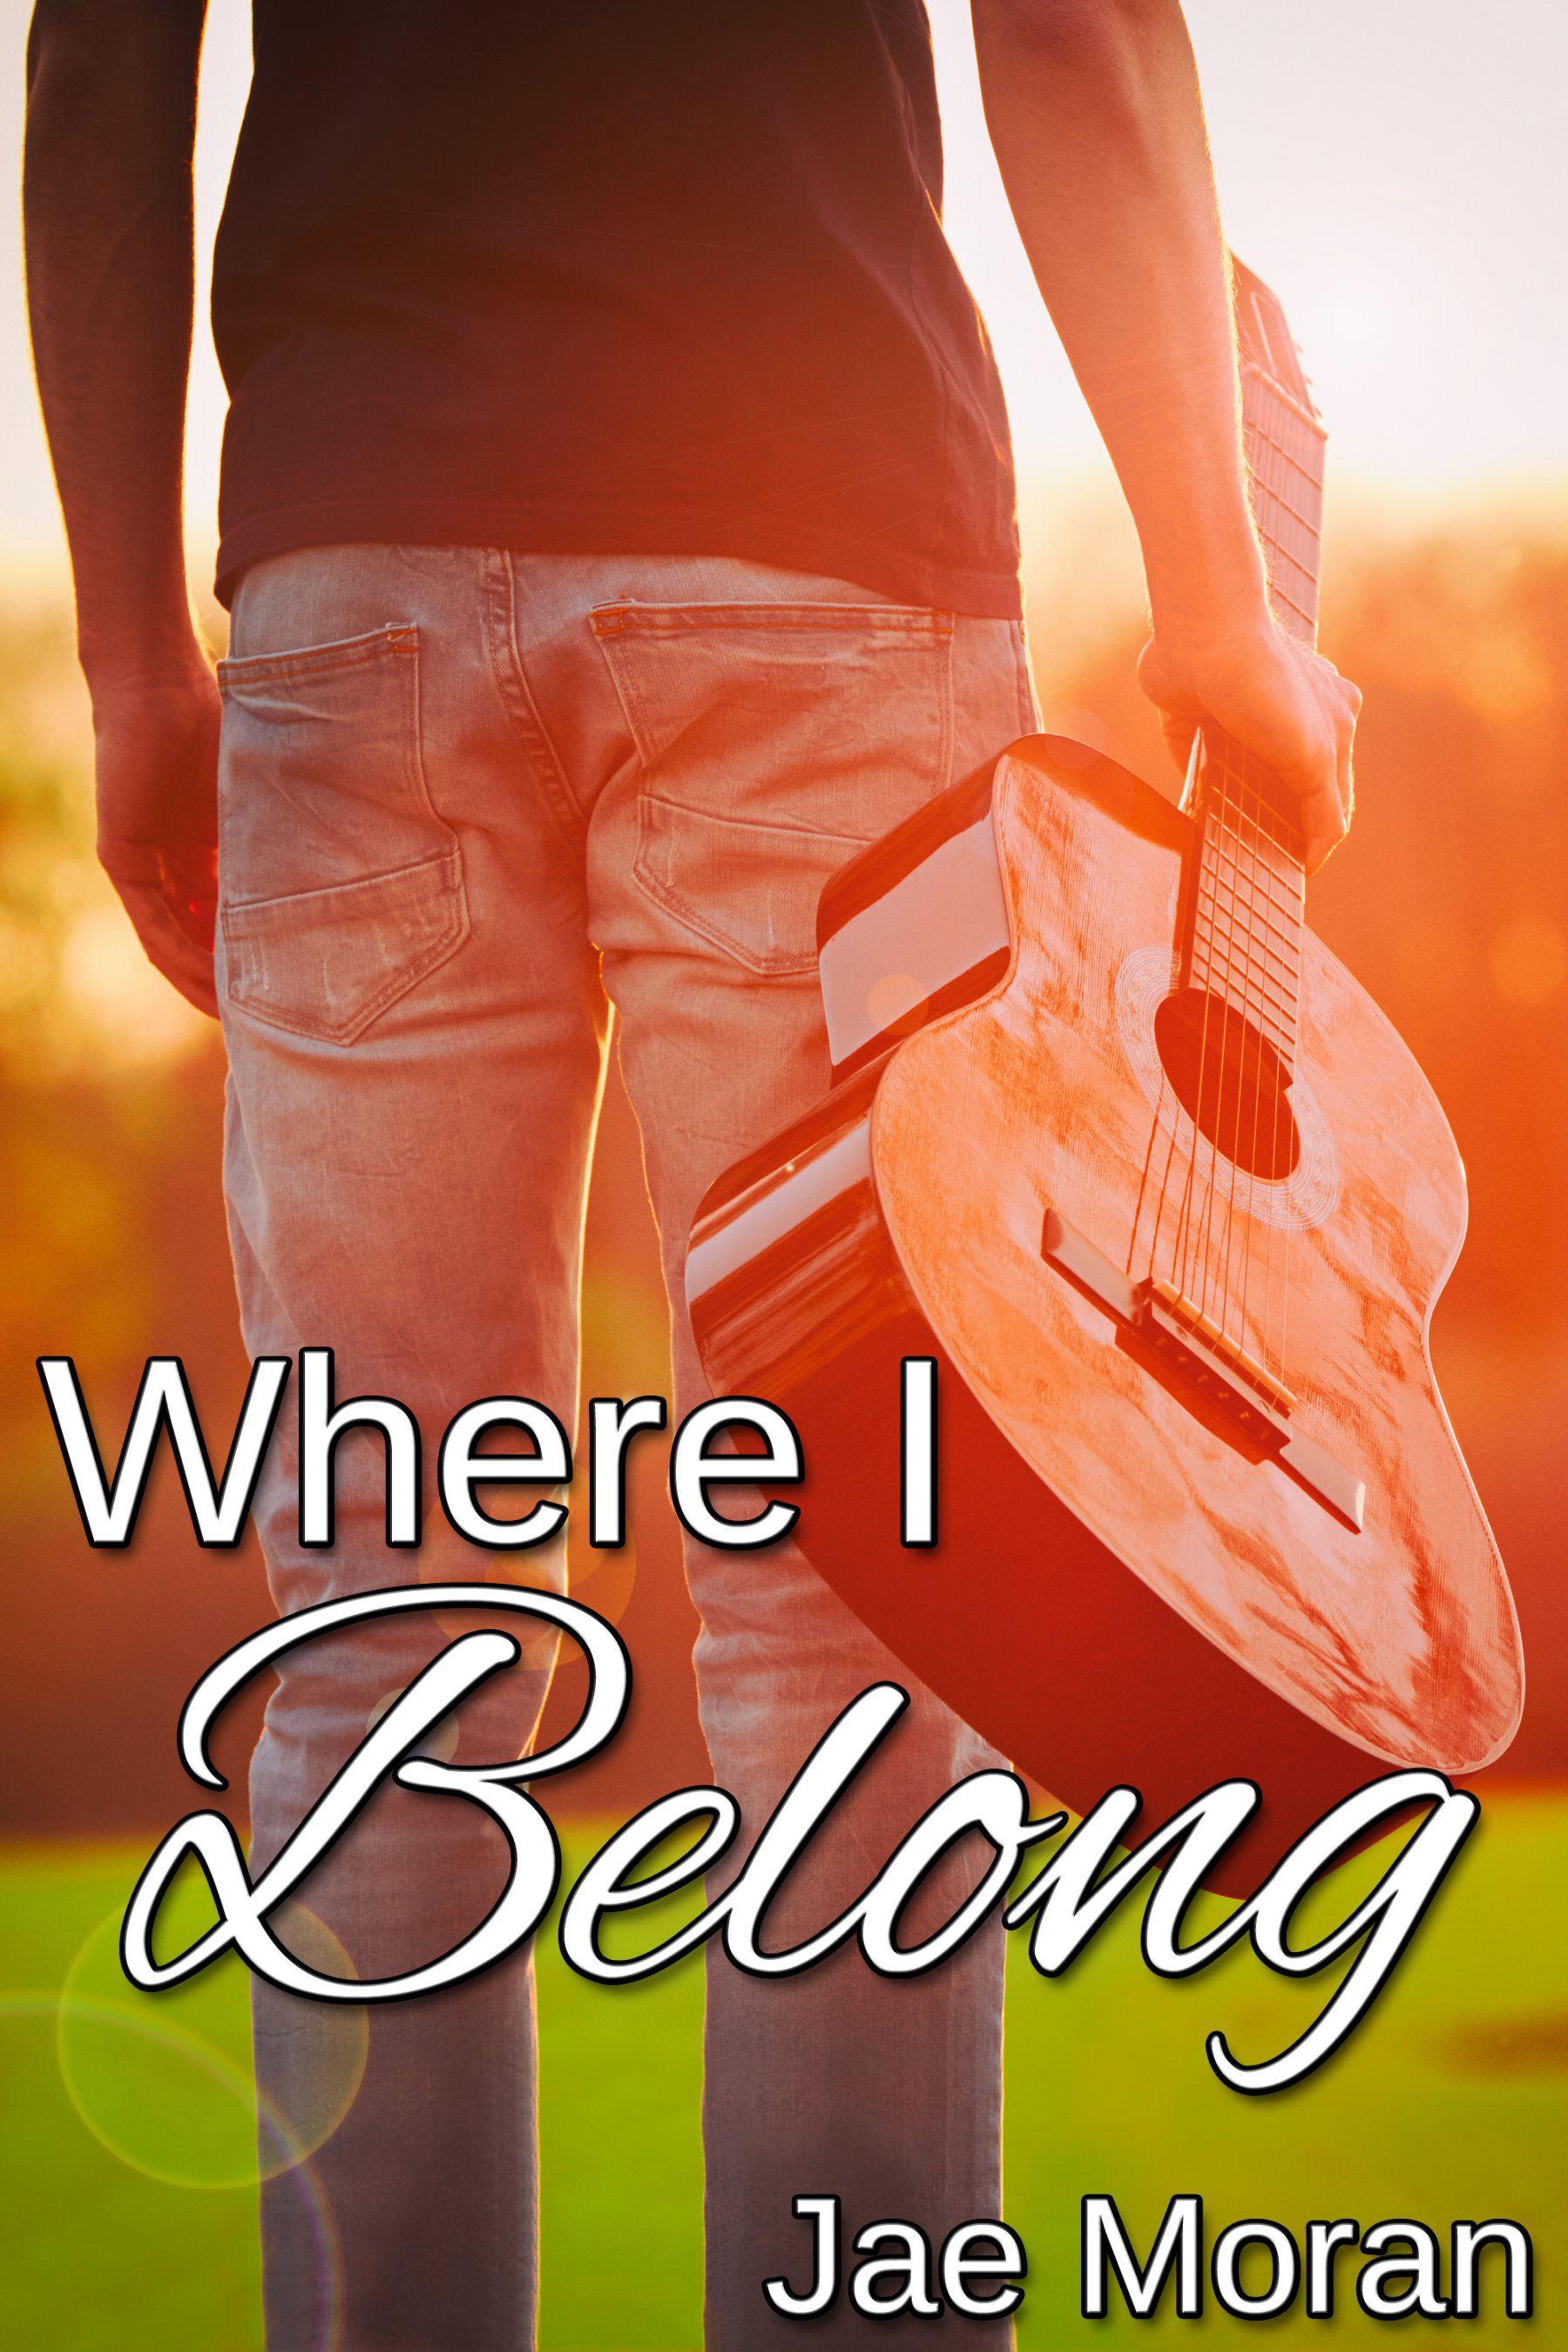 Review: Where I Belong by Jae Moran